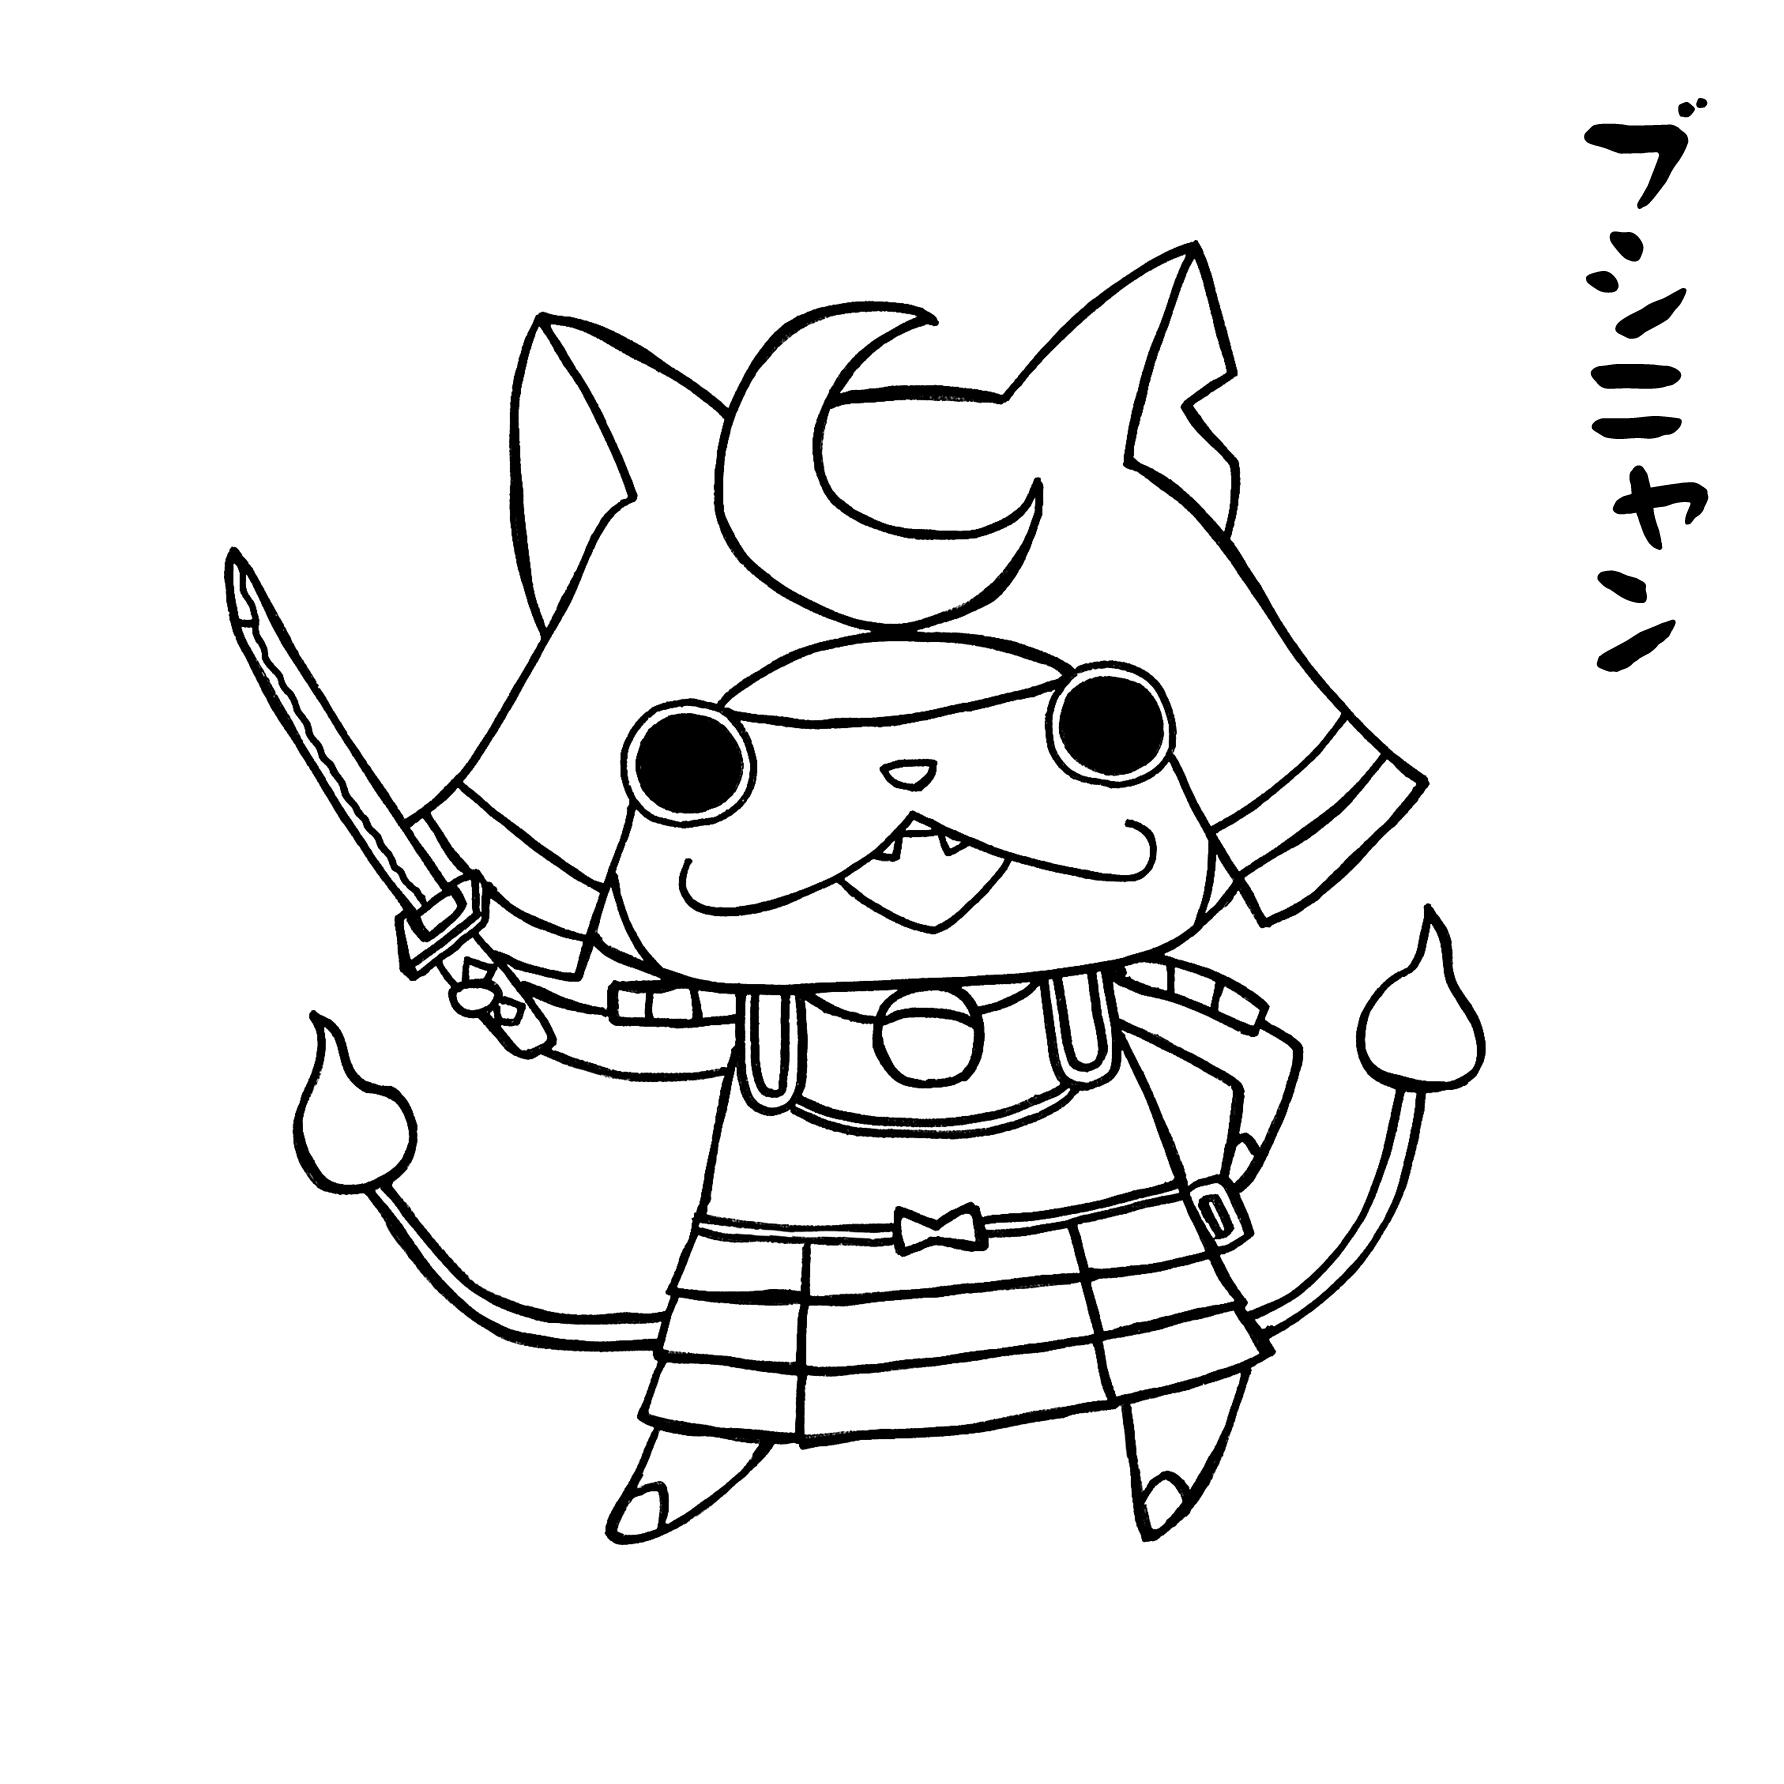 【妖怪ウォッチ】塗り絵(ぬりえ)画像・無料キャラクター【A4印刷 他】